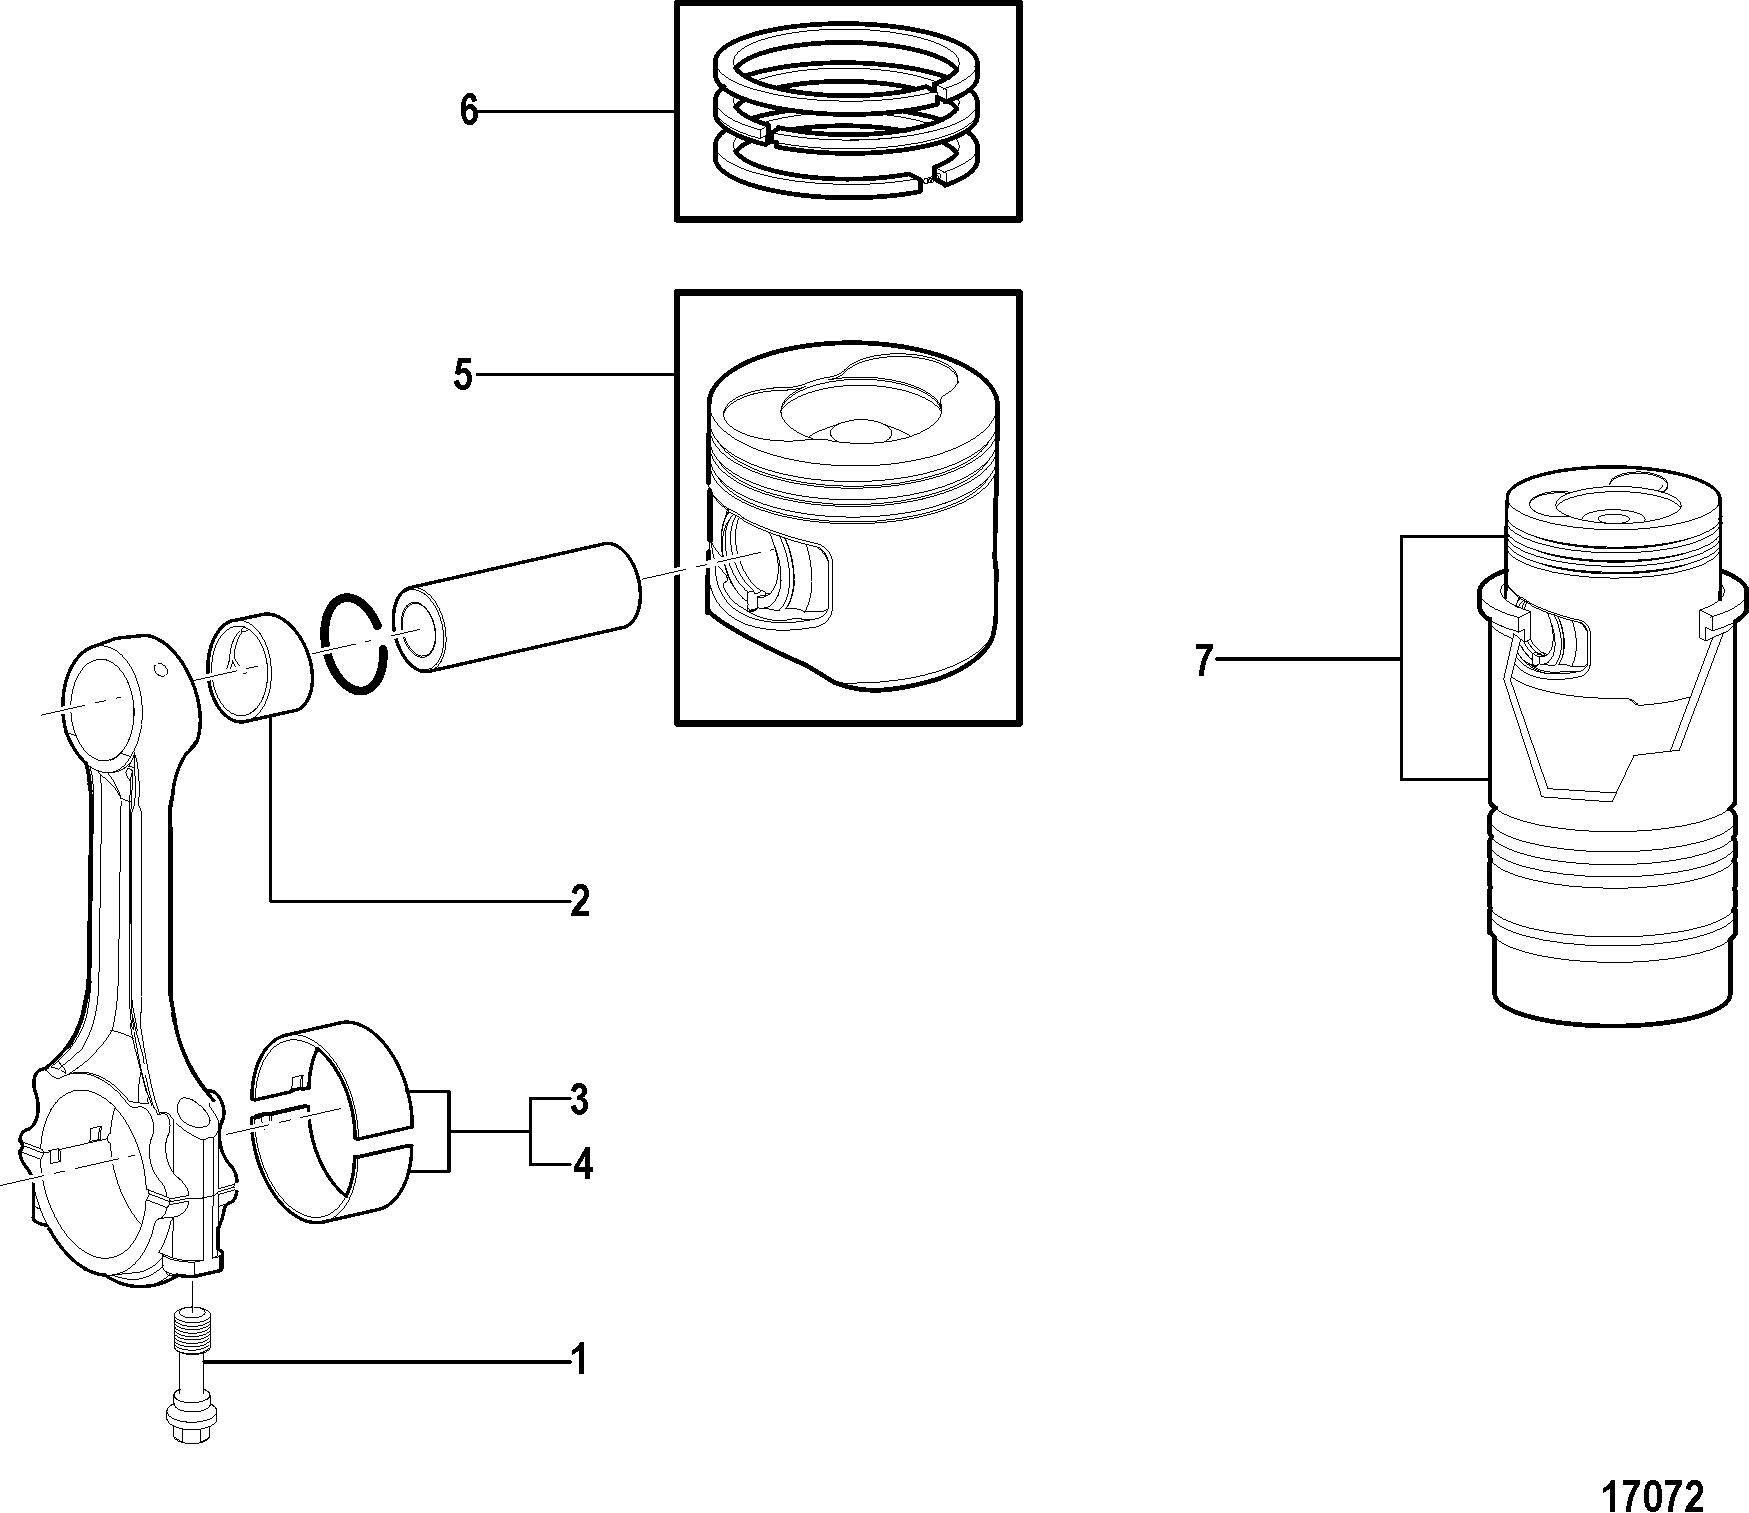 Kubota L285 Tractor Wiring Diagram Kubota L185 Wiring